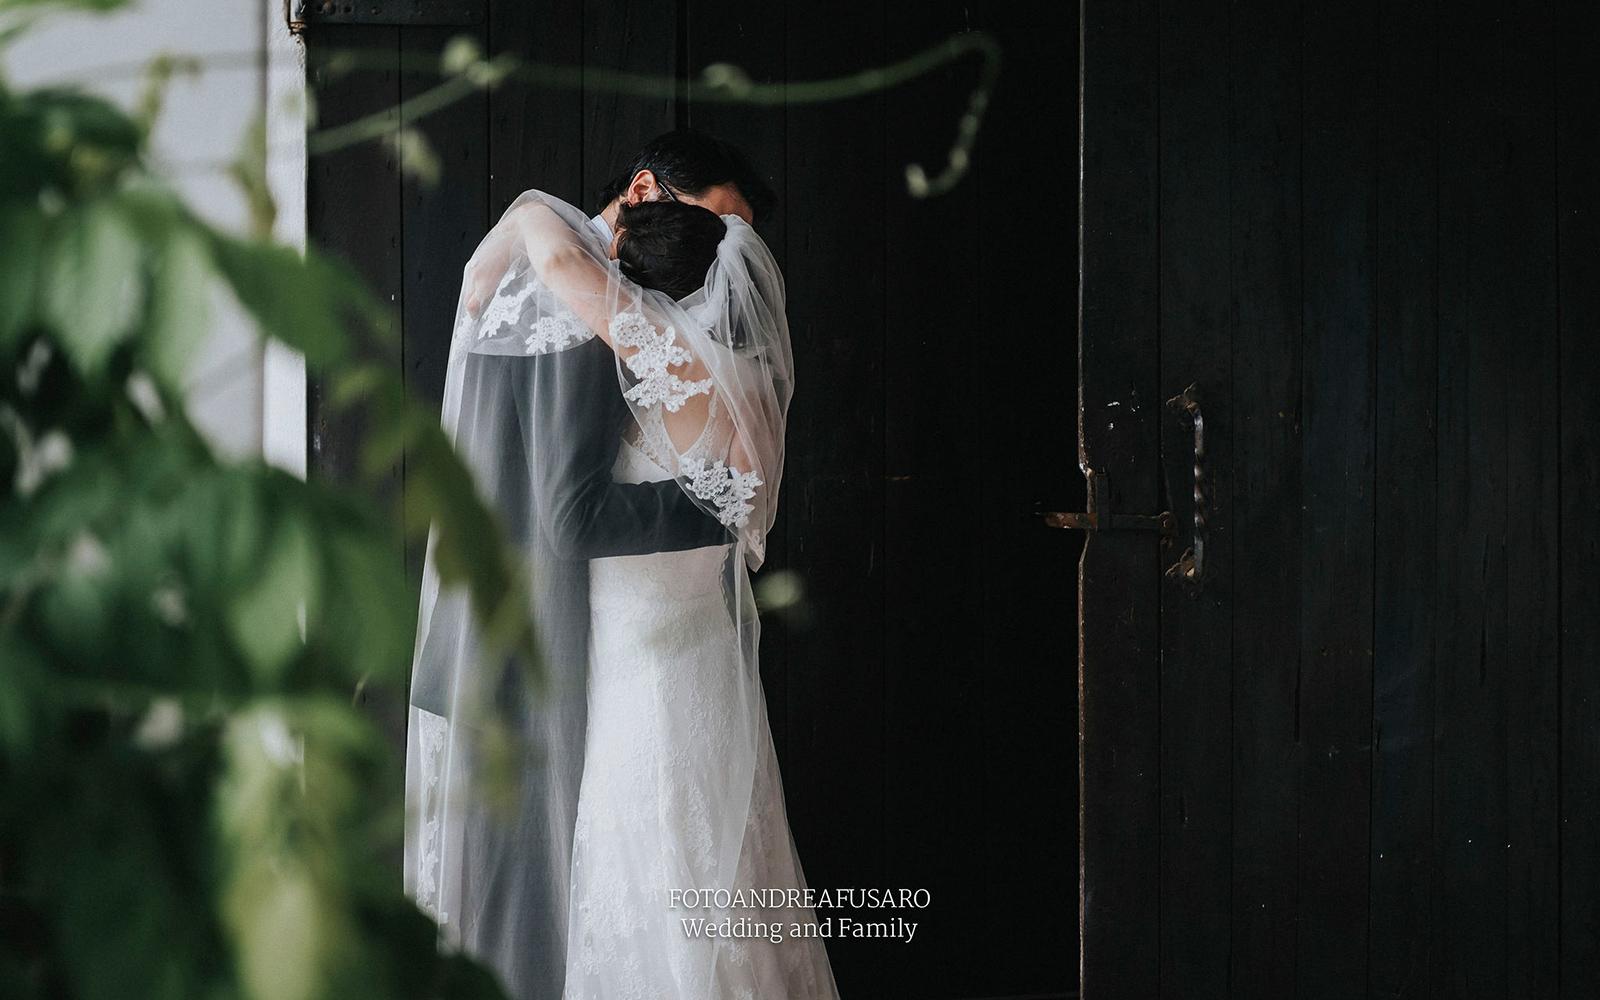 location matrimoni Vicenza, location matrimonio Padova, Location matrimonio Vicenza , location matrimoni Padova, ricevimento matrimonio Vicenza